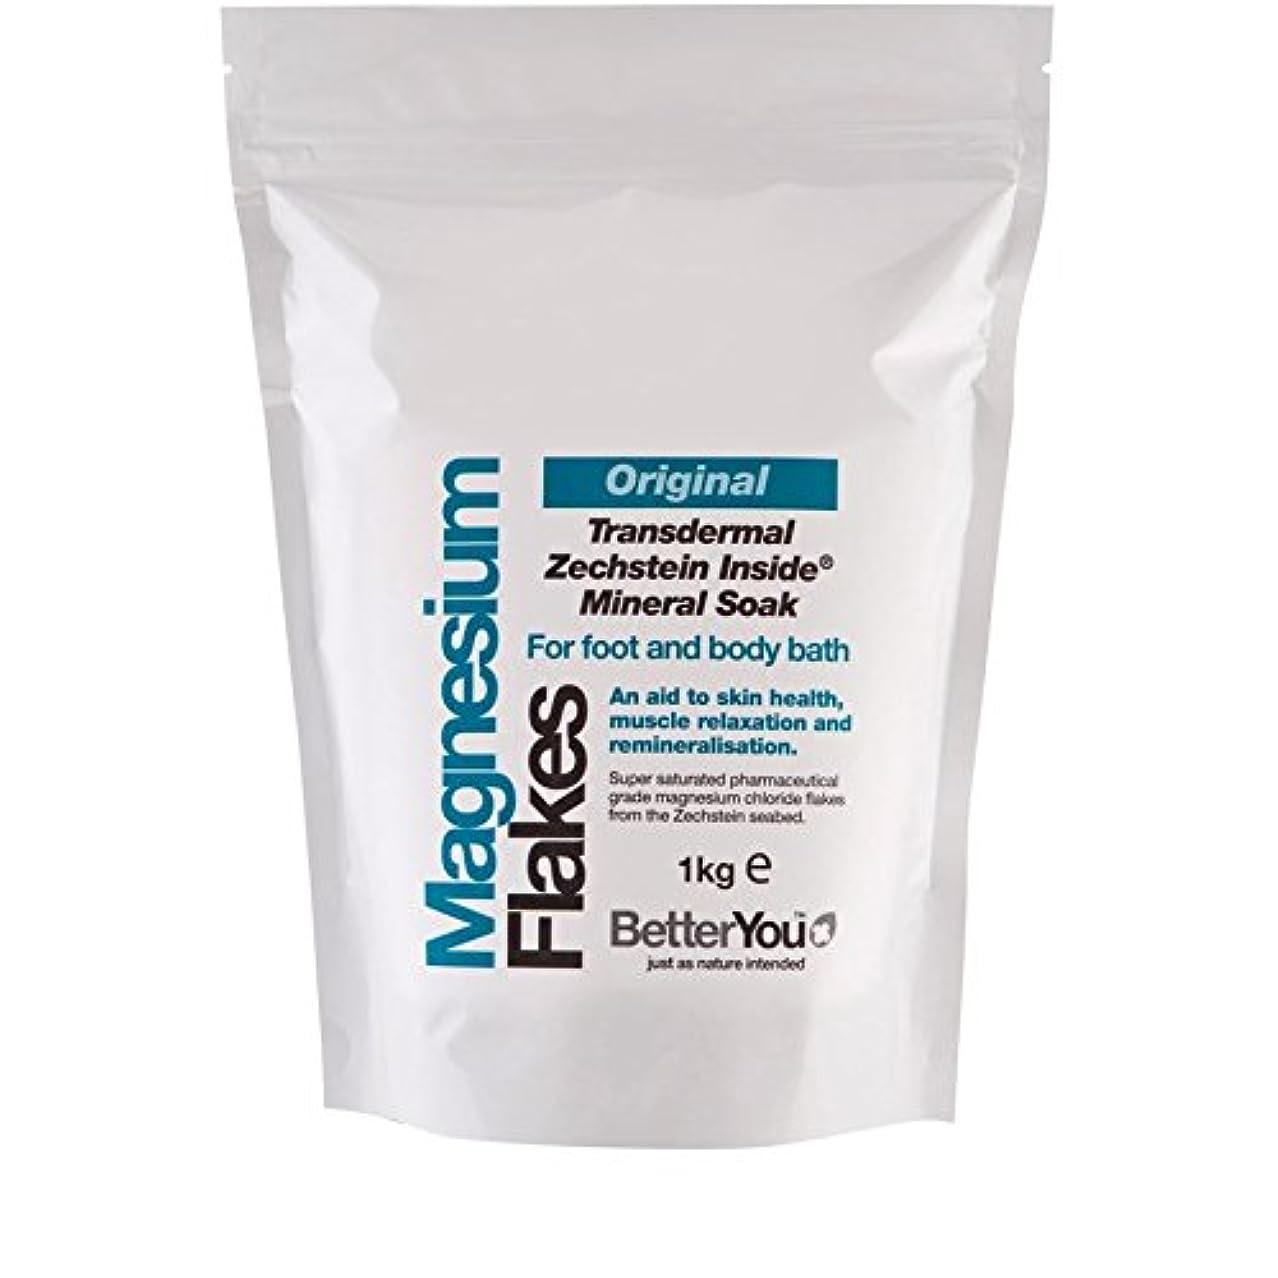 薬を飲む商標肥料より良いあなたマグネシウムフレーク元1キロ x4 - Better you Magnesium Flakes Original 1kg (Pack of 4) [並行輸入品]